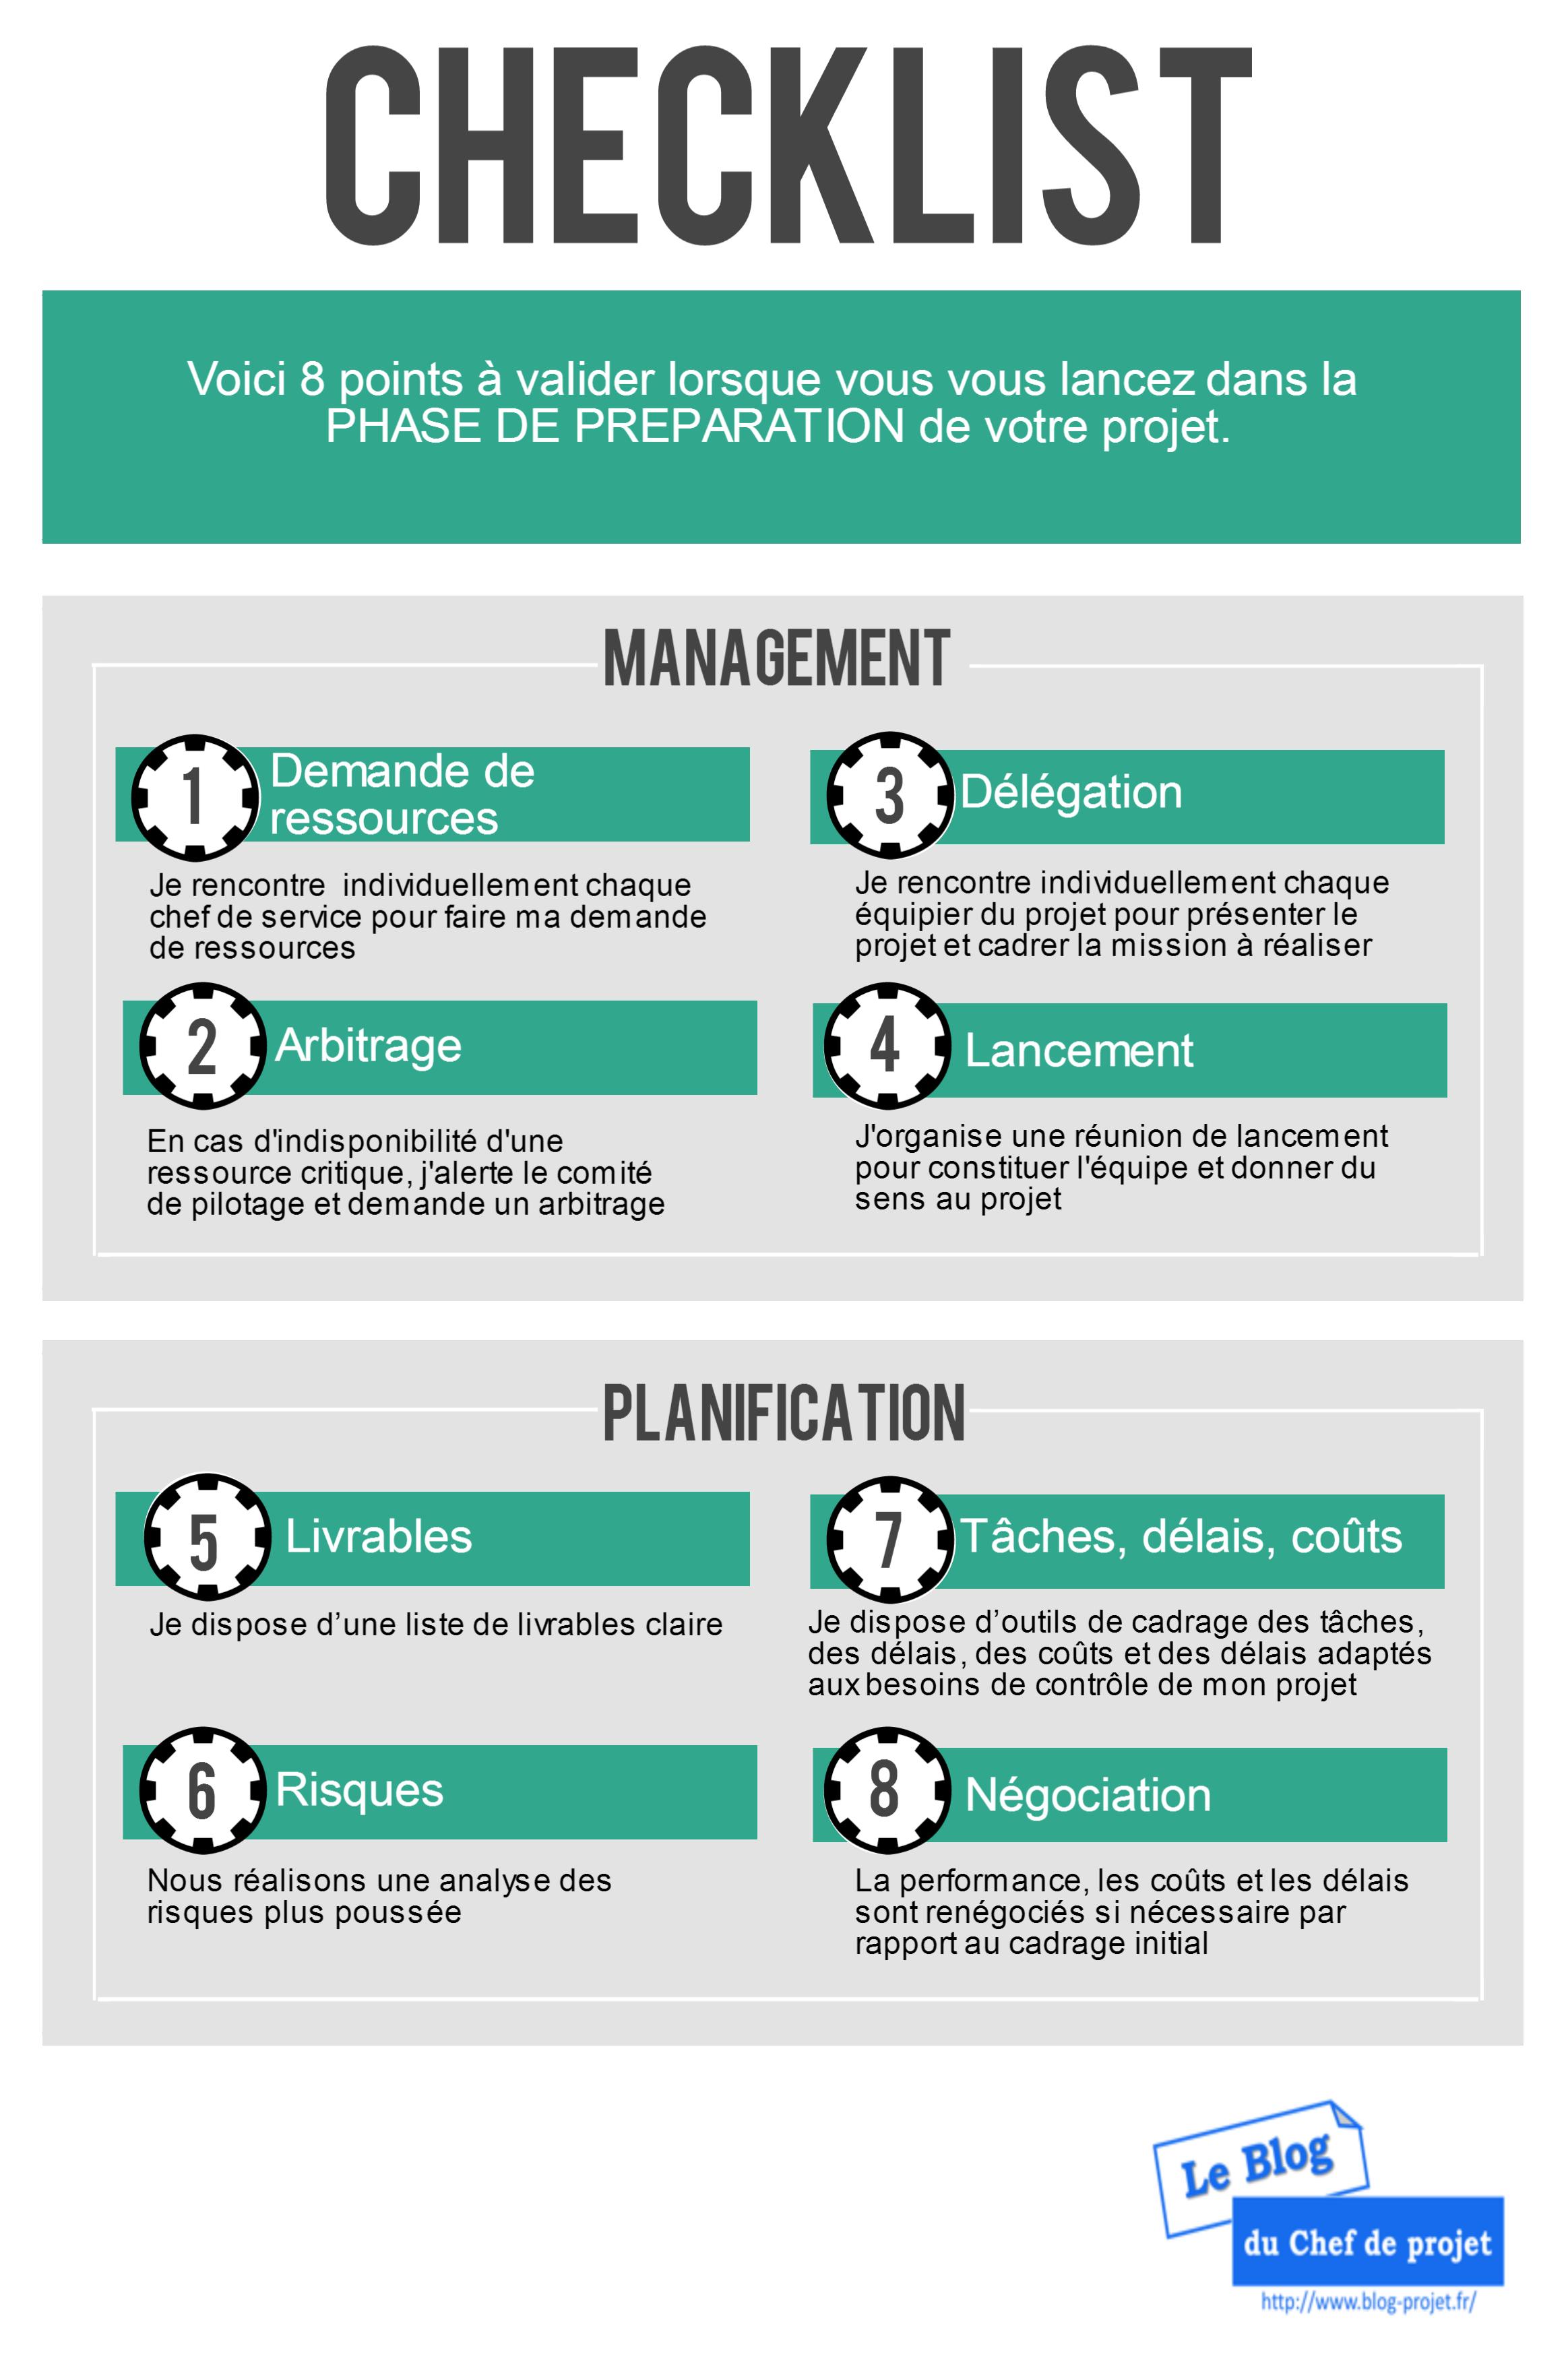 Checklist De La Phase De Preparation D Un Projet Le Blog Du Chef De Projet Methodologie De Projet Conduite De Projet Management De Projet